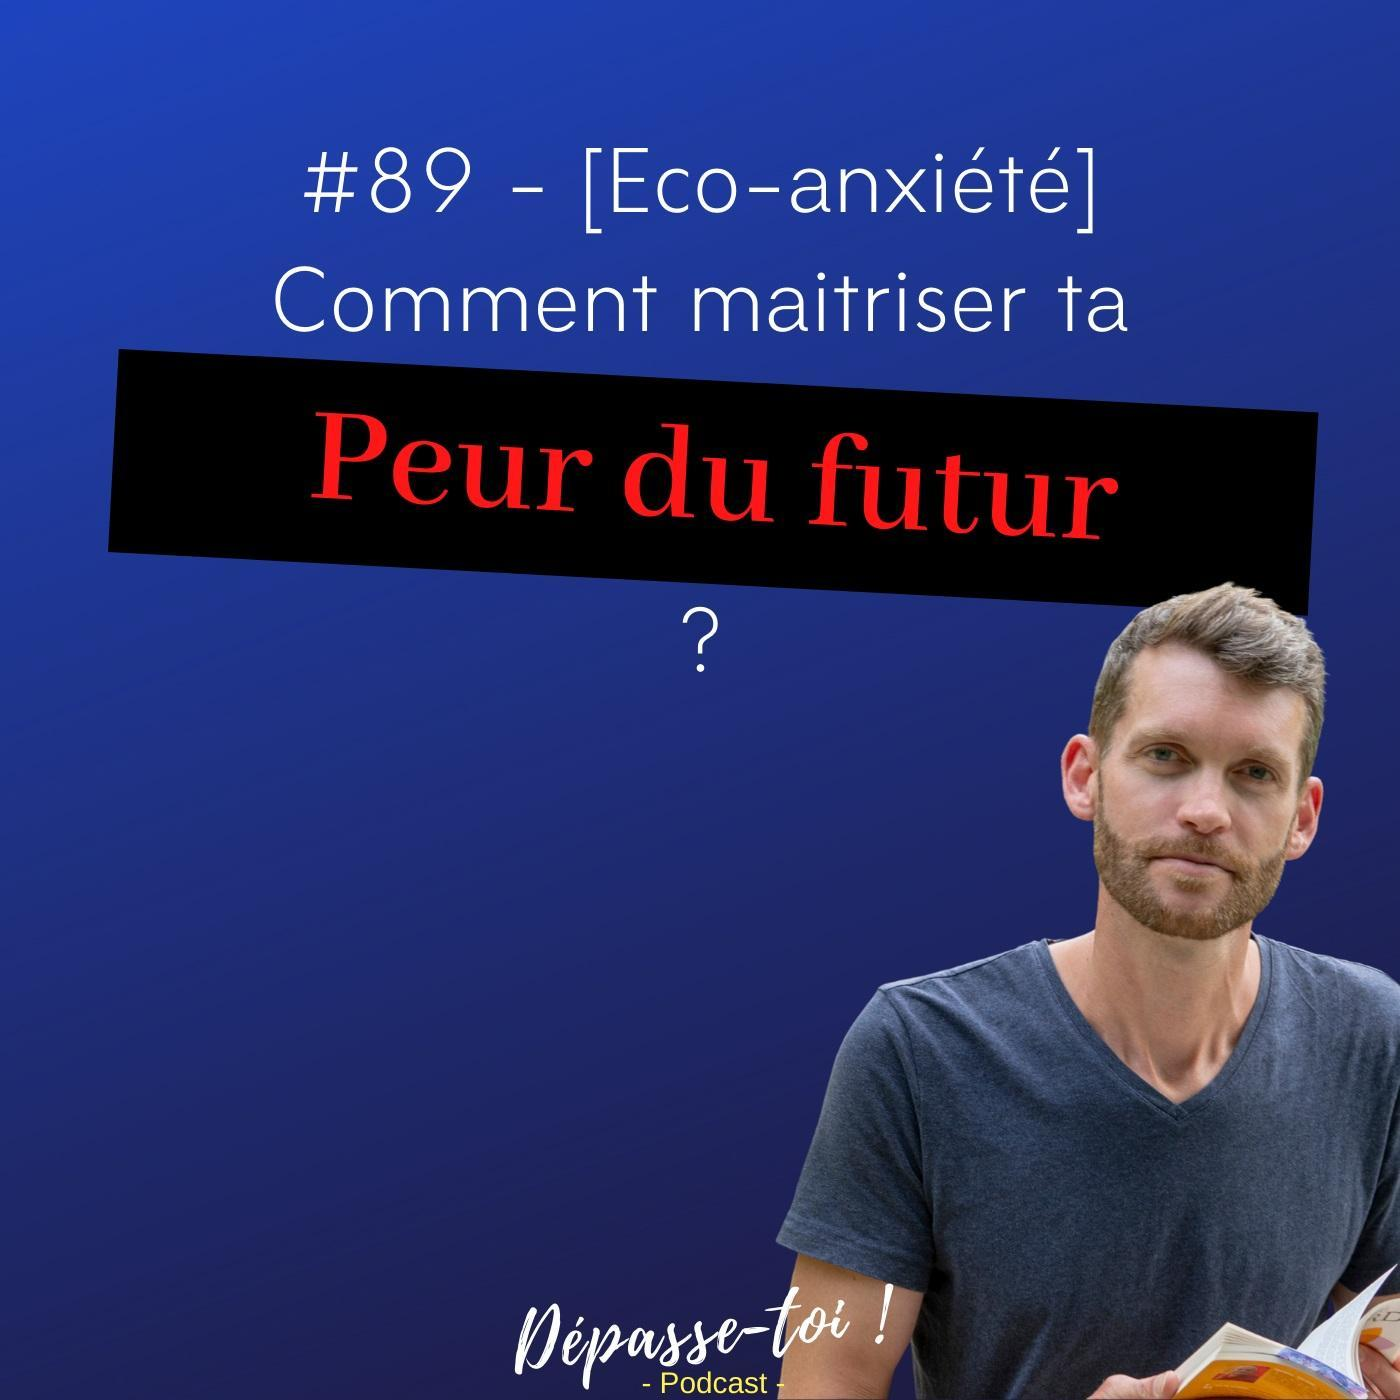 #89 - [Eco-anxiété] Comment vaincre ta peur du futur ?